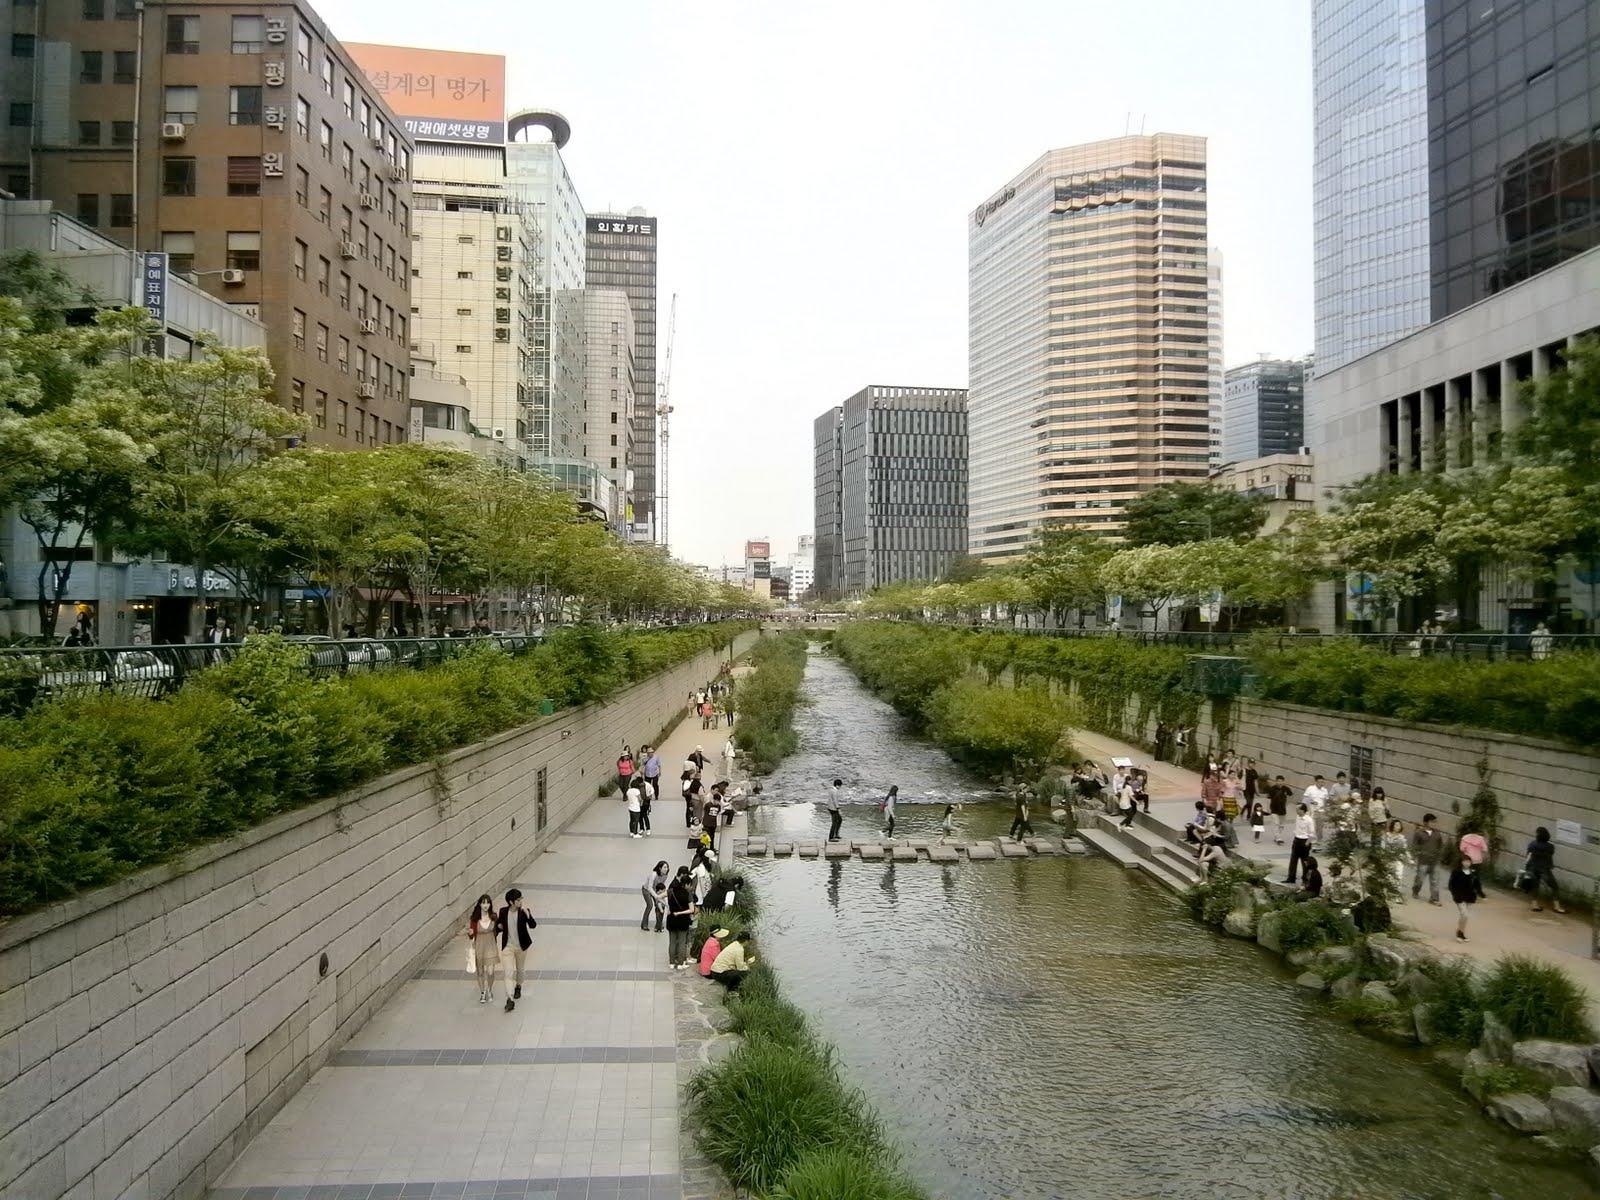 023 Cheonggyecheon